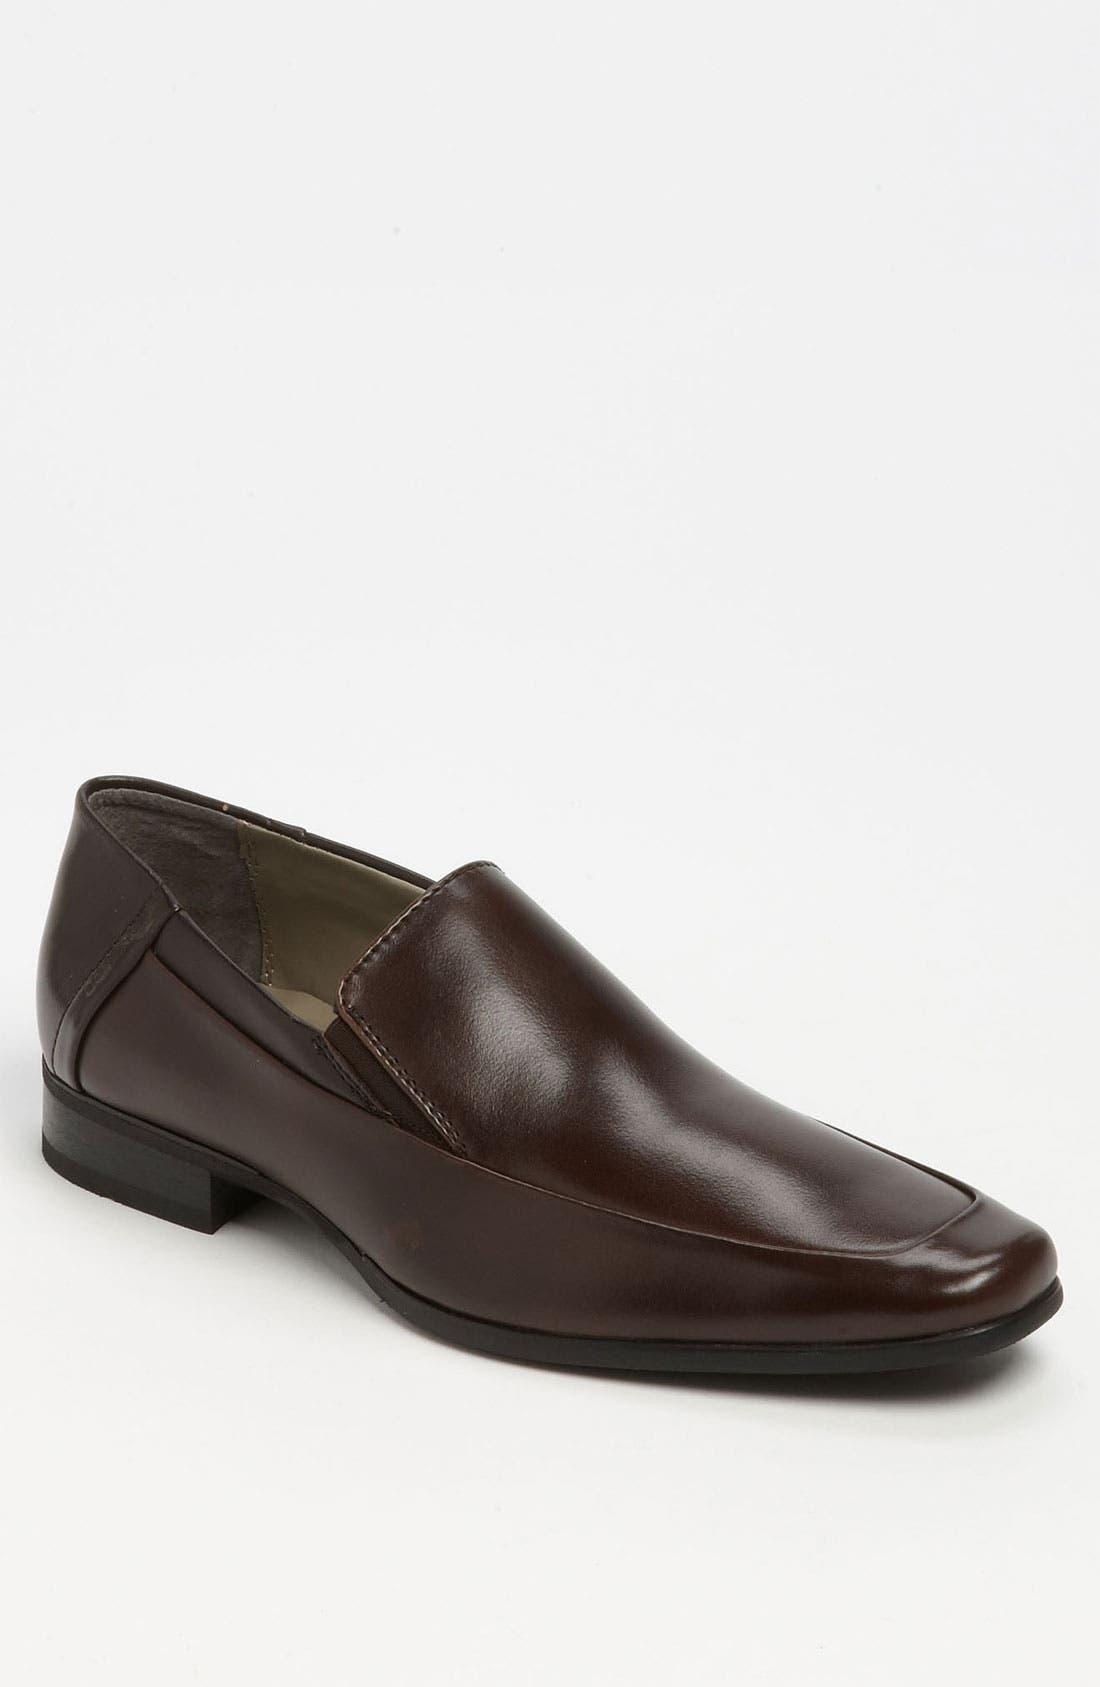 Alternate Image 1 Selected - Calvin Klein 'Brad' Venetian Loafer